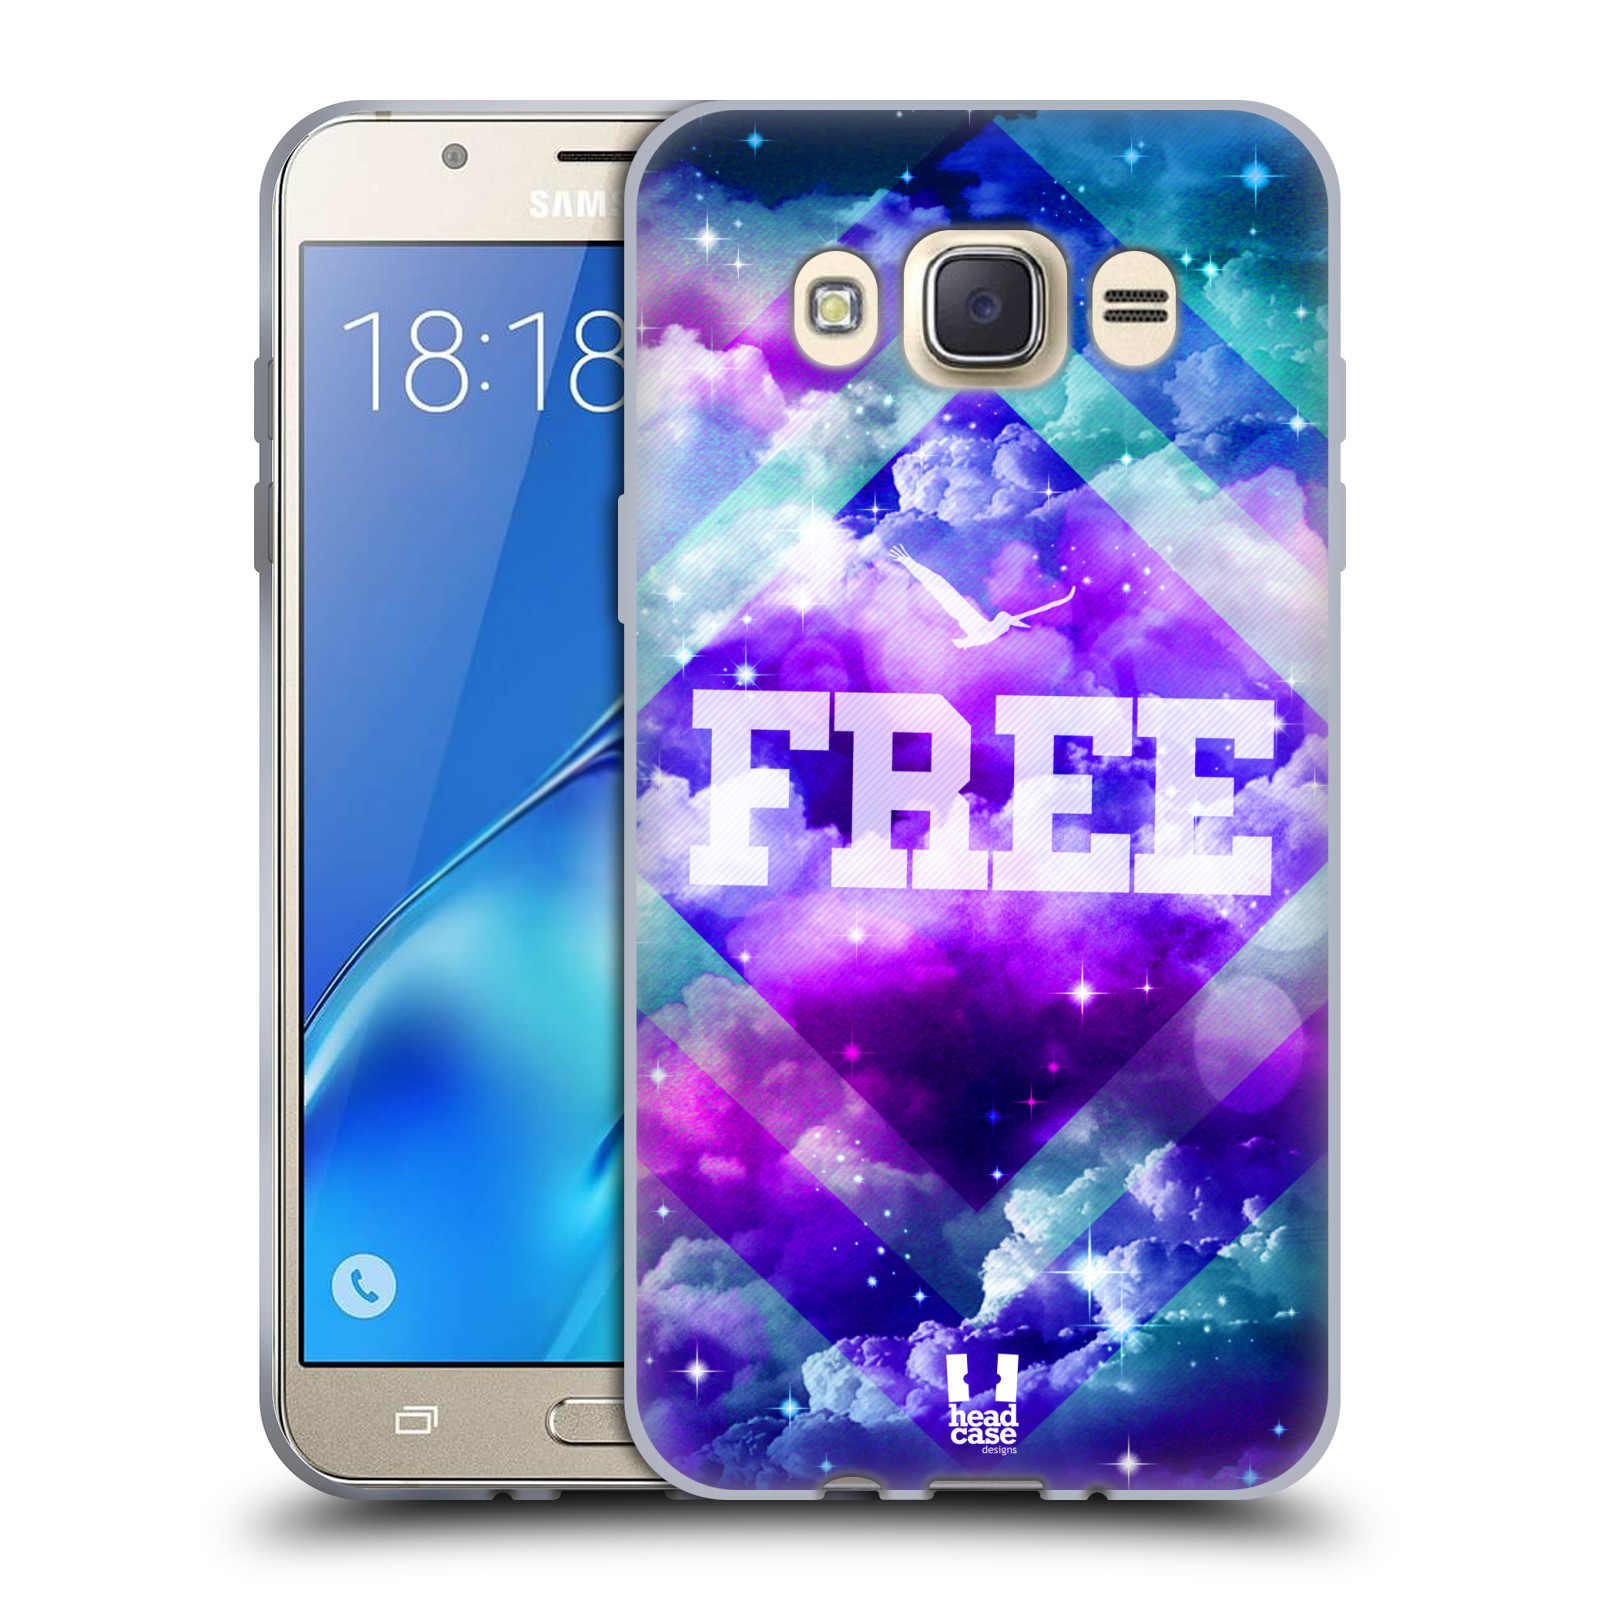 Silikonové pouzdro na mobil Samsung Galaxy J7 (2016) HEAD CASE CHROMATIC FREE